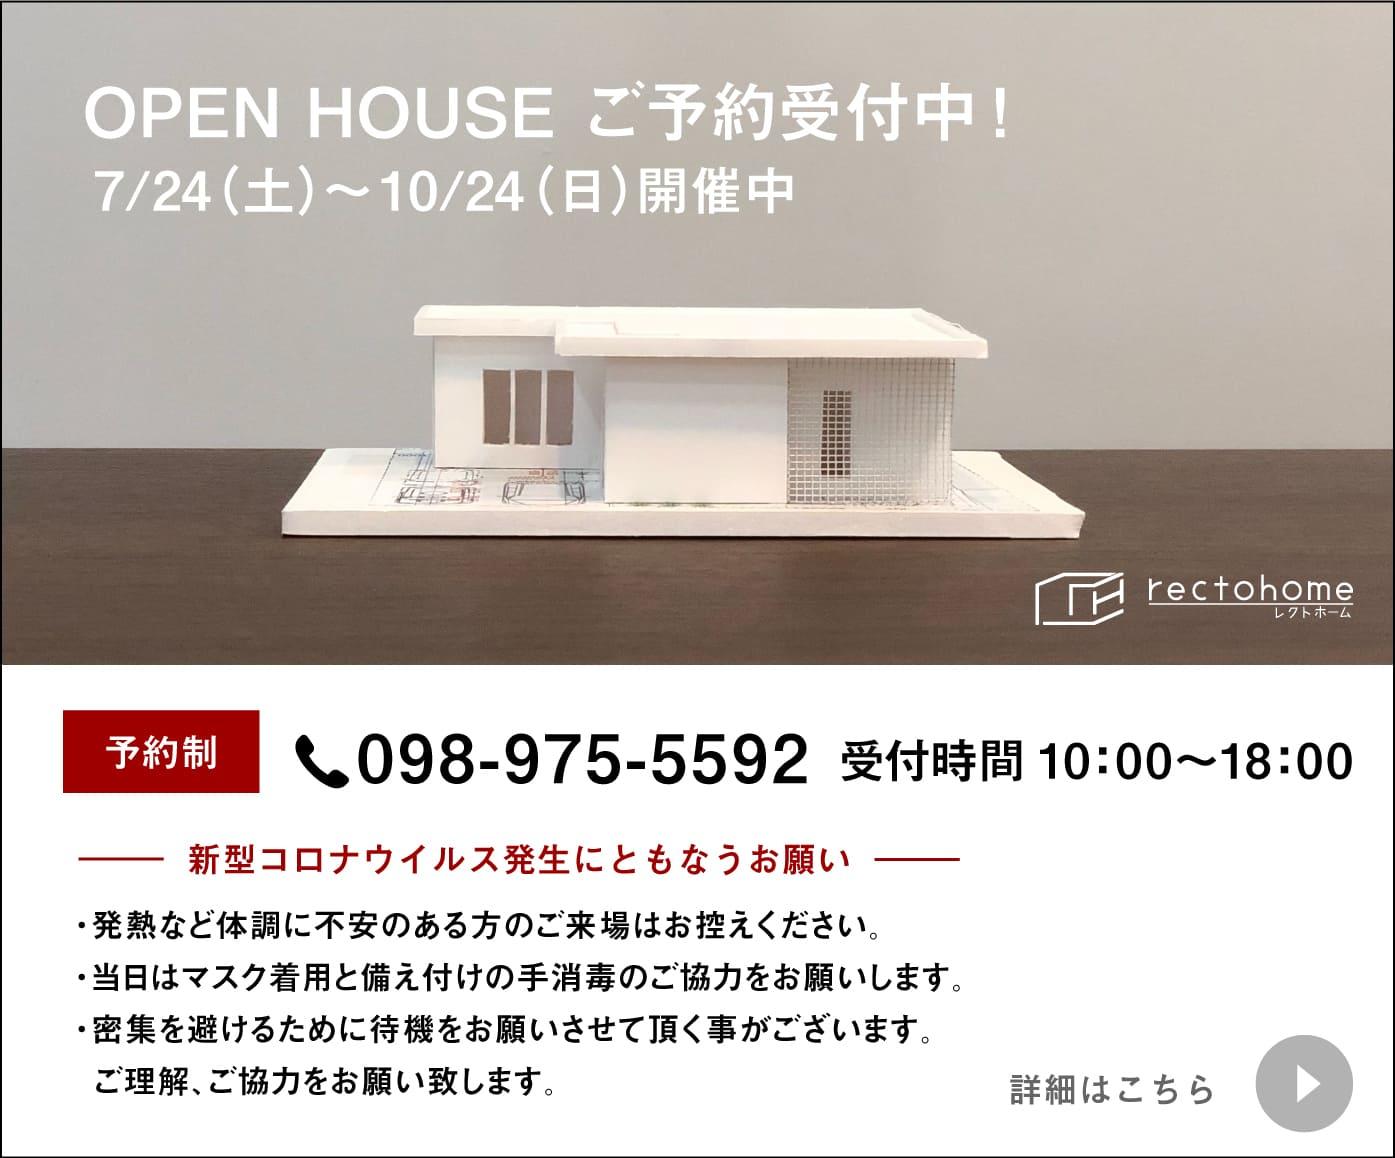 2021/07-OPENHOUSE